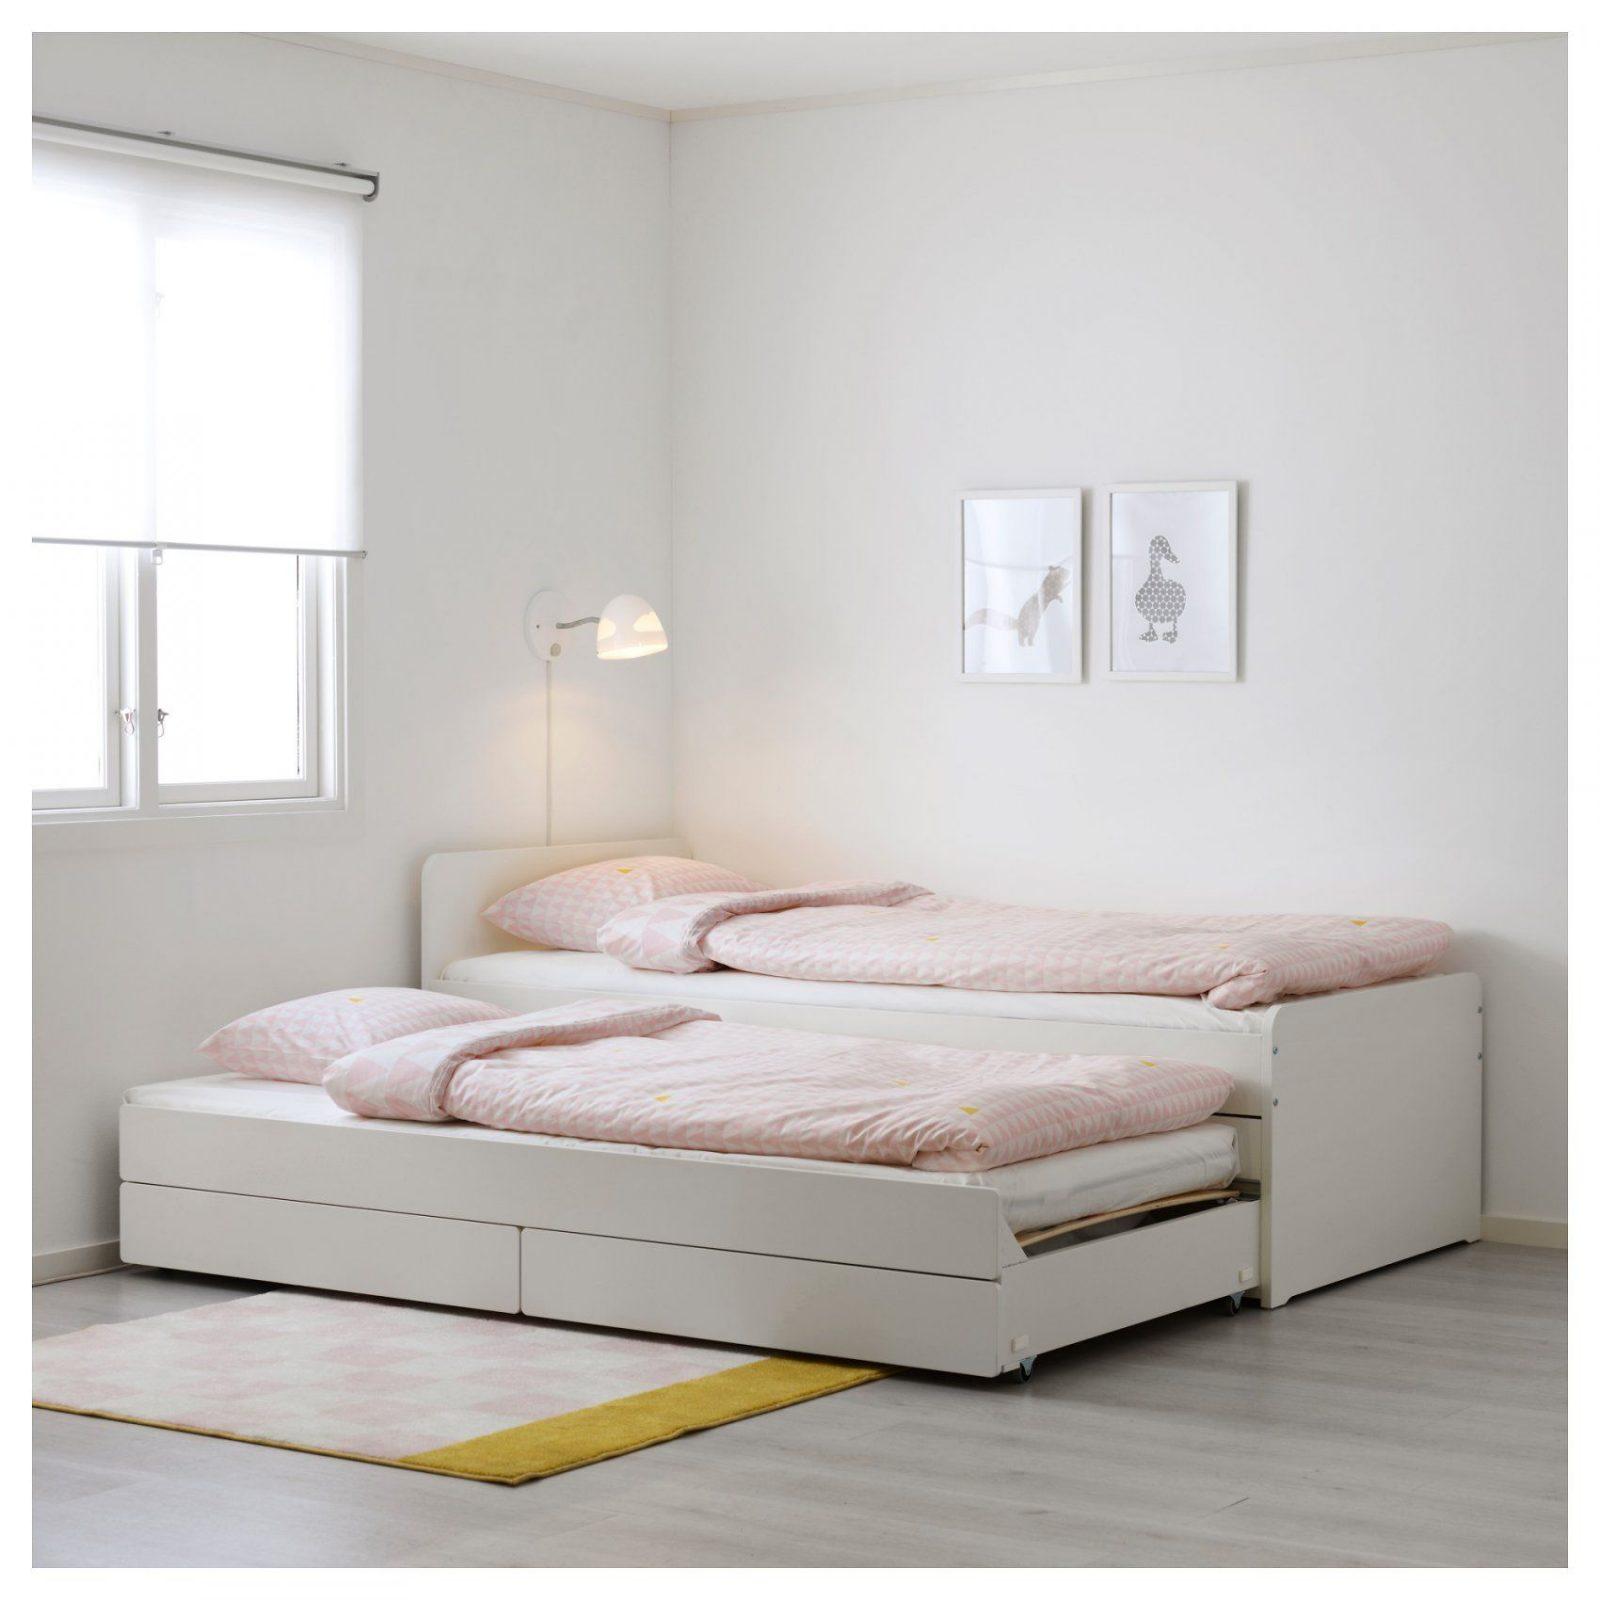 Släkt Unterbett Mit Aufbewahrung Ikea Avec Ikea Bett Släkt Et von Ikea Einzelbett Mit Unterbett Photo